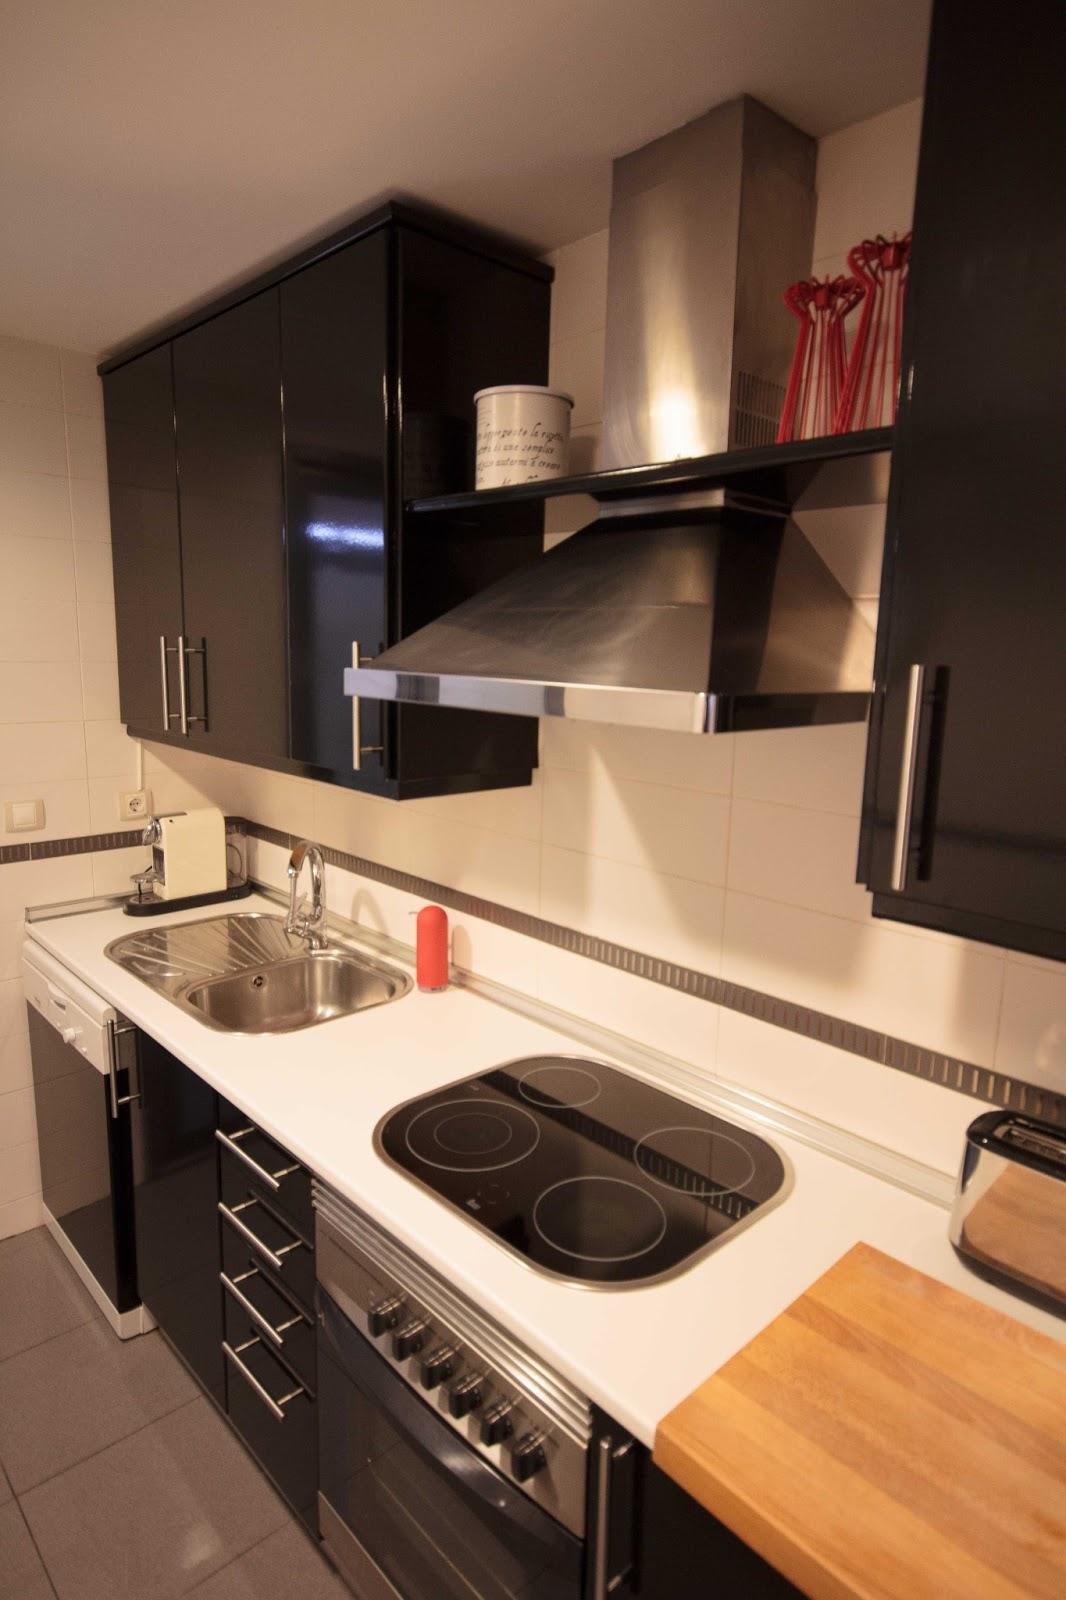 Frentes De Cocina Leroy Merlin Idea De La Imagen De Inicio ~ Amortiguadores Para Muebles De Cocina Leroy Merlin